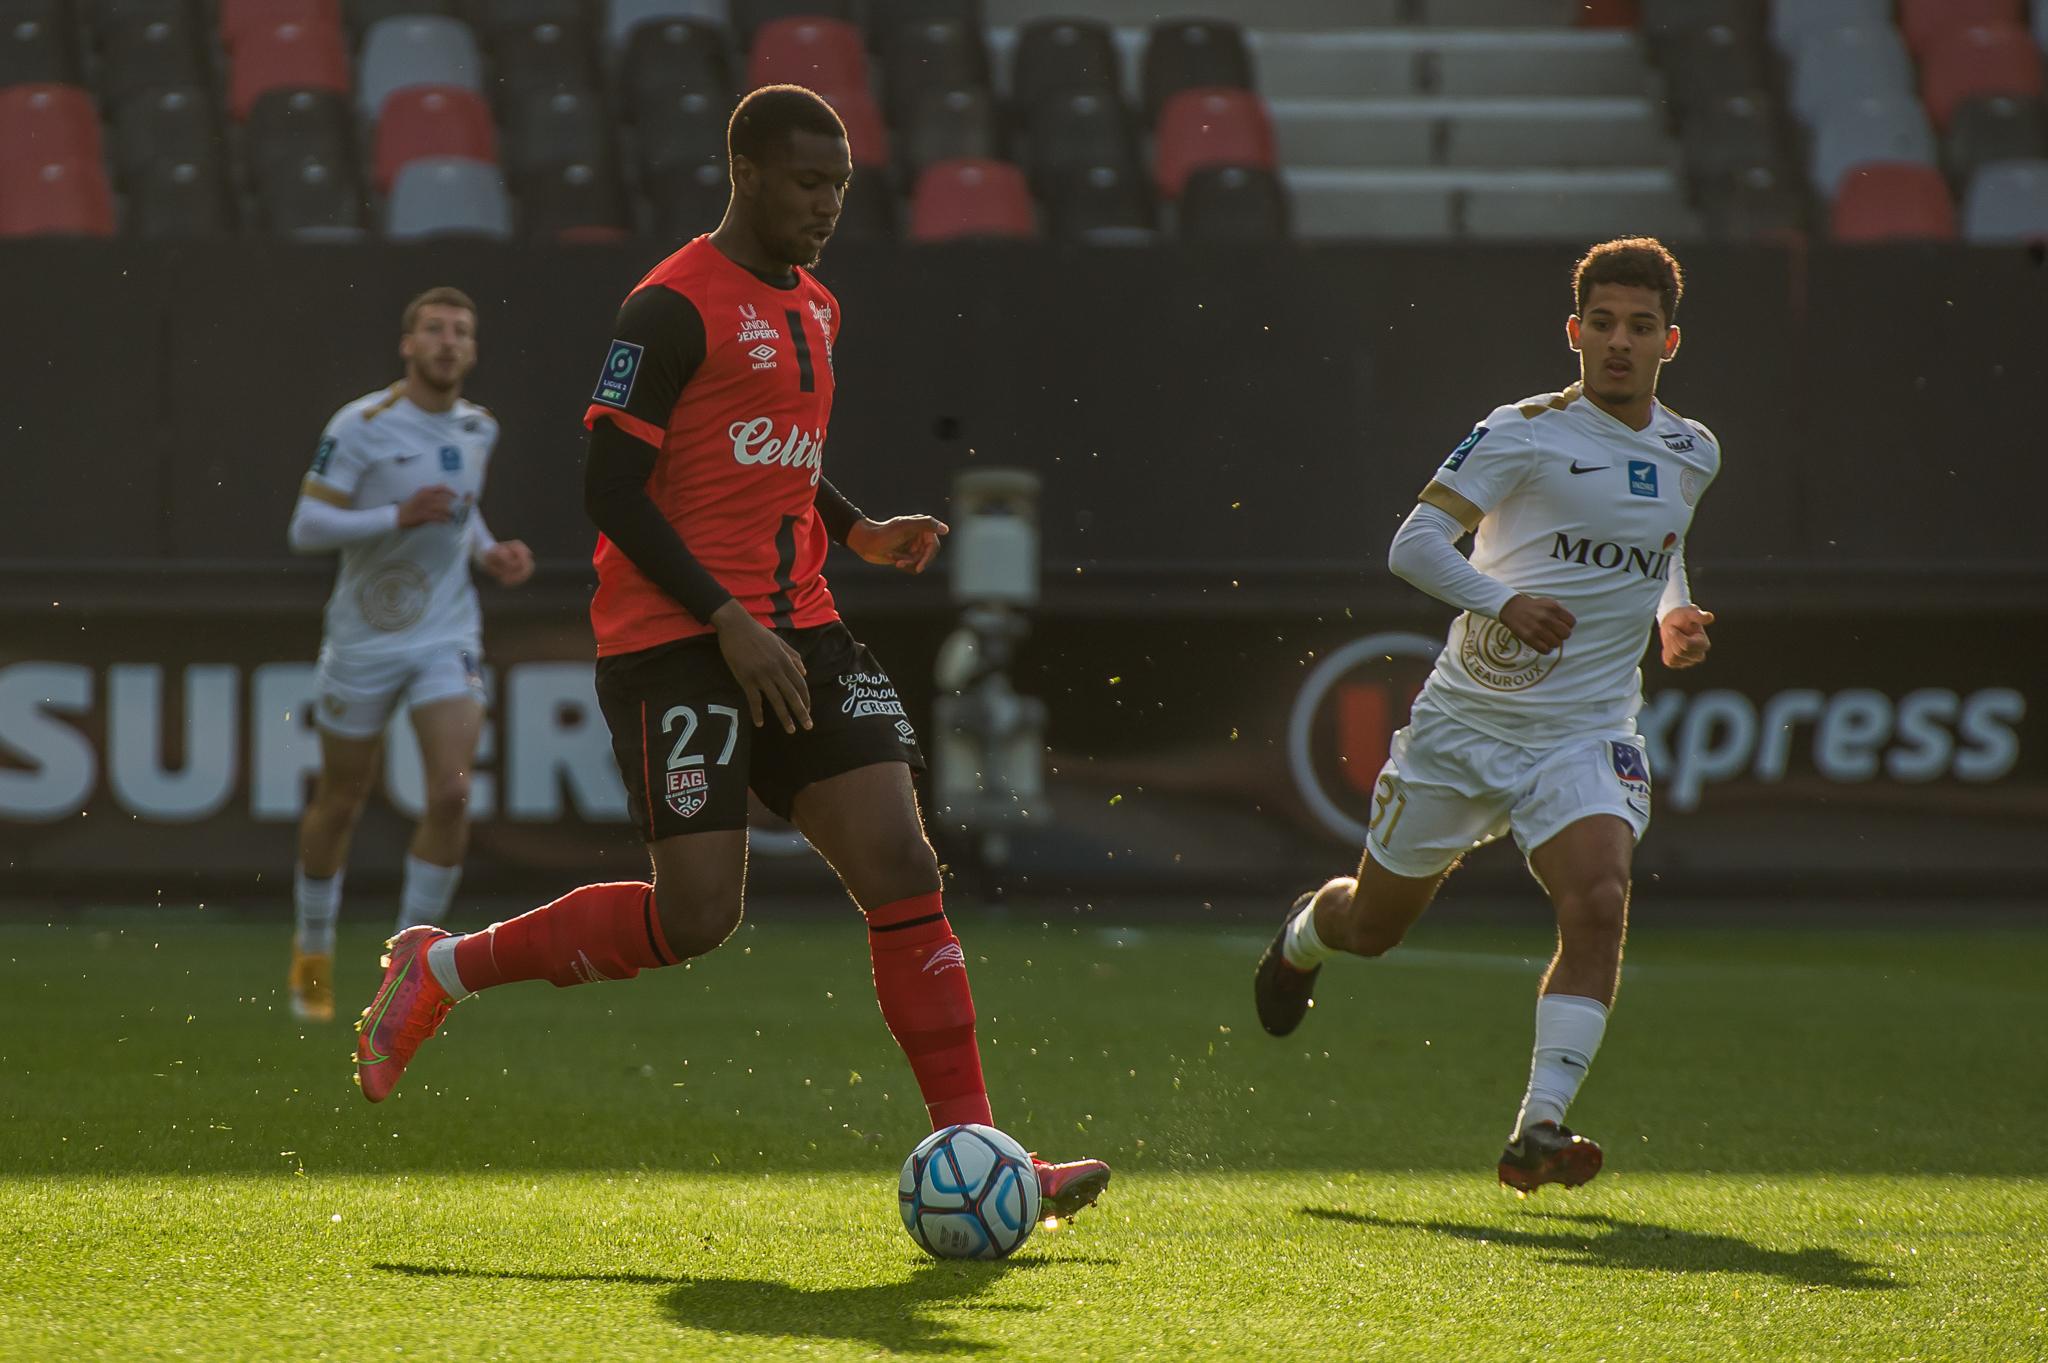 EA Guingamp La Berrichonne Châteauroux J37 Ligue 2 BKT EAGLBC 2-0 Stade de Roudourou FRA_5411